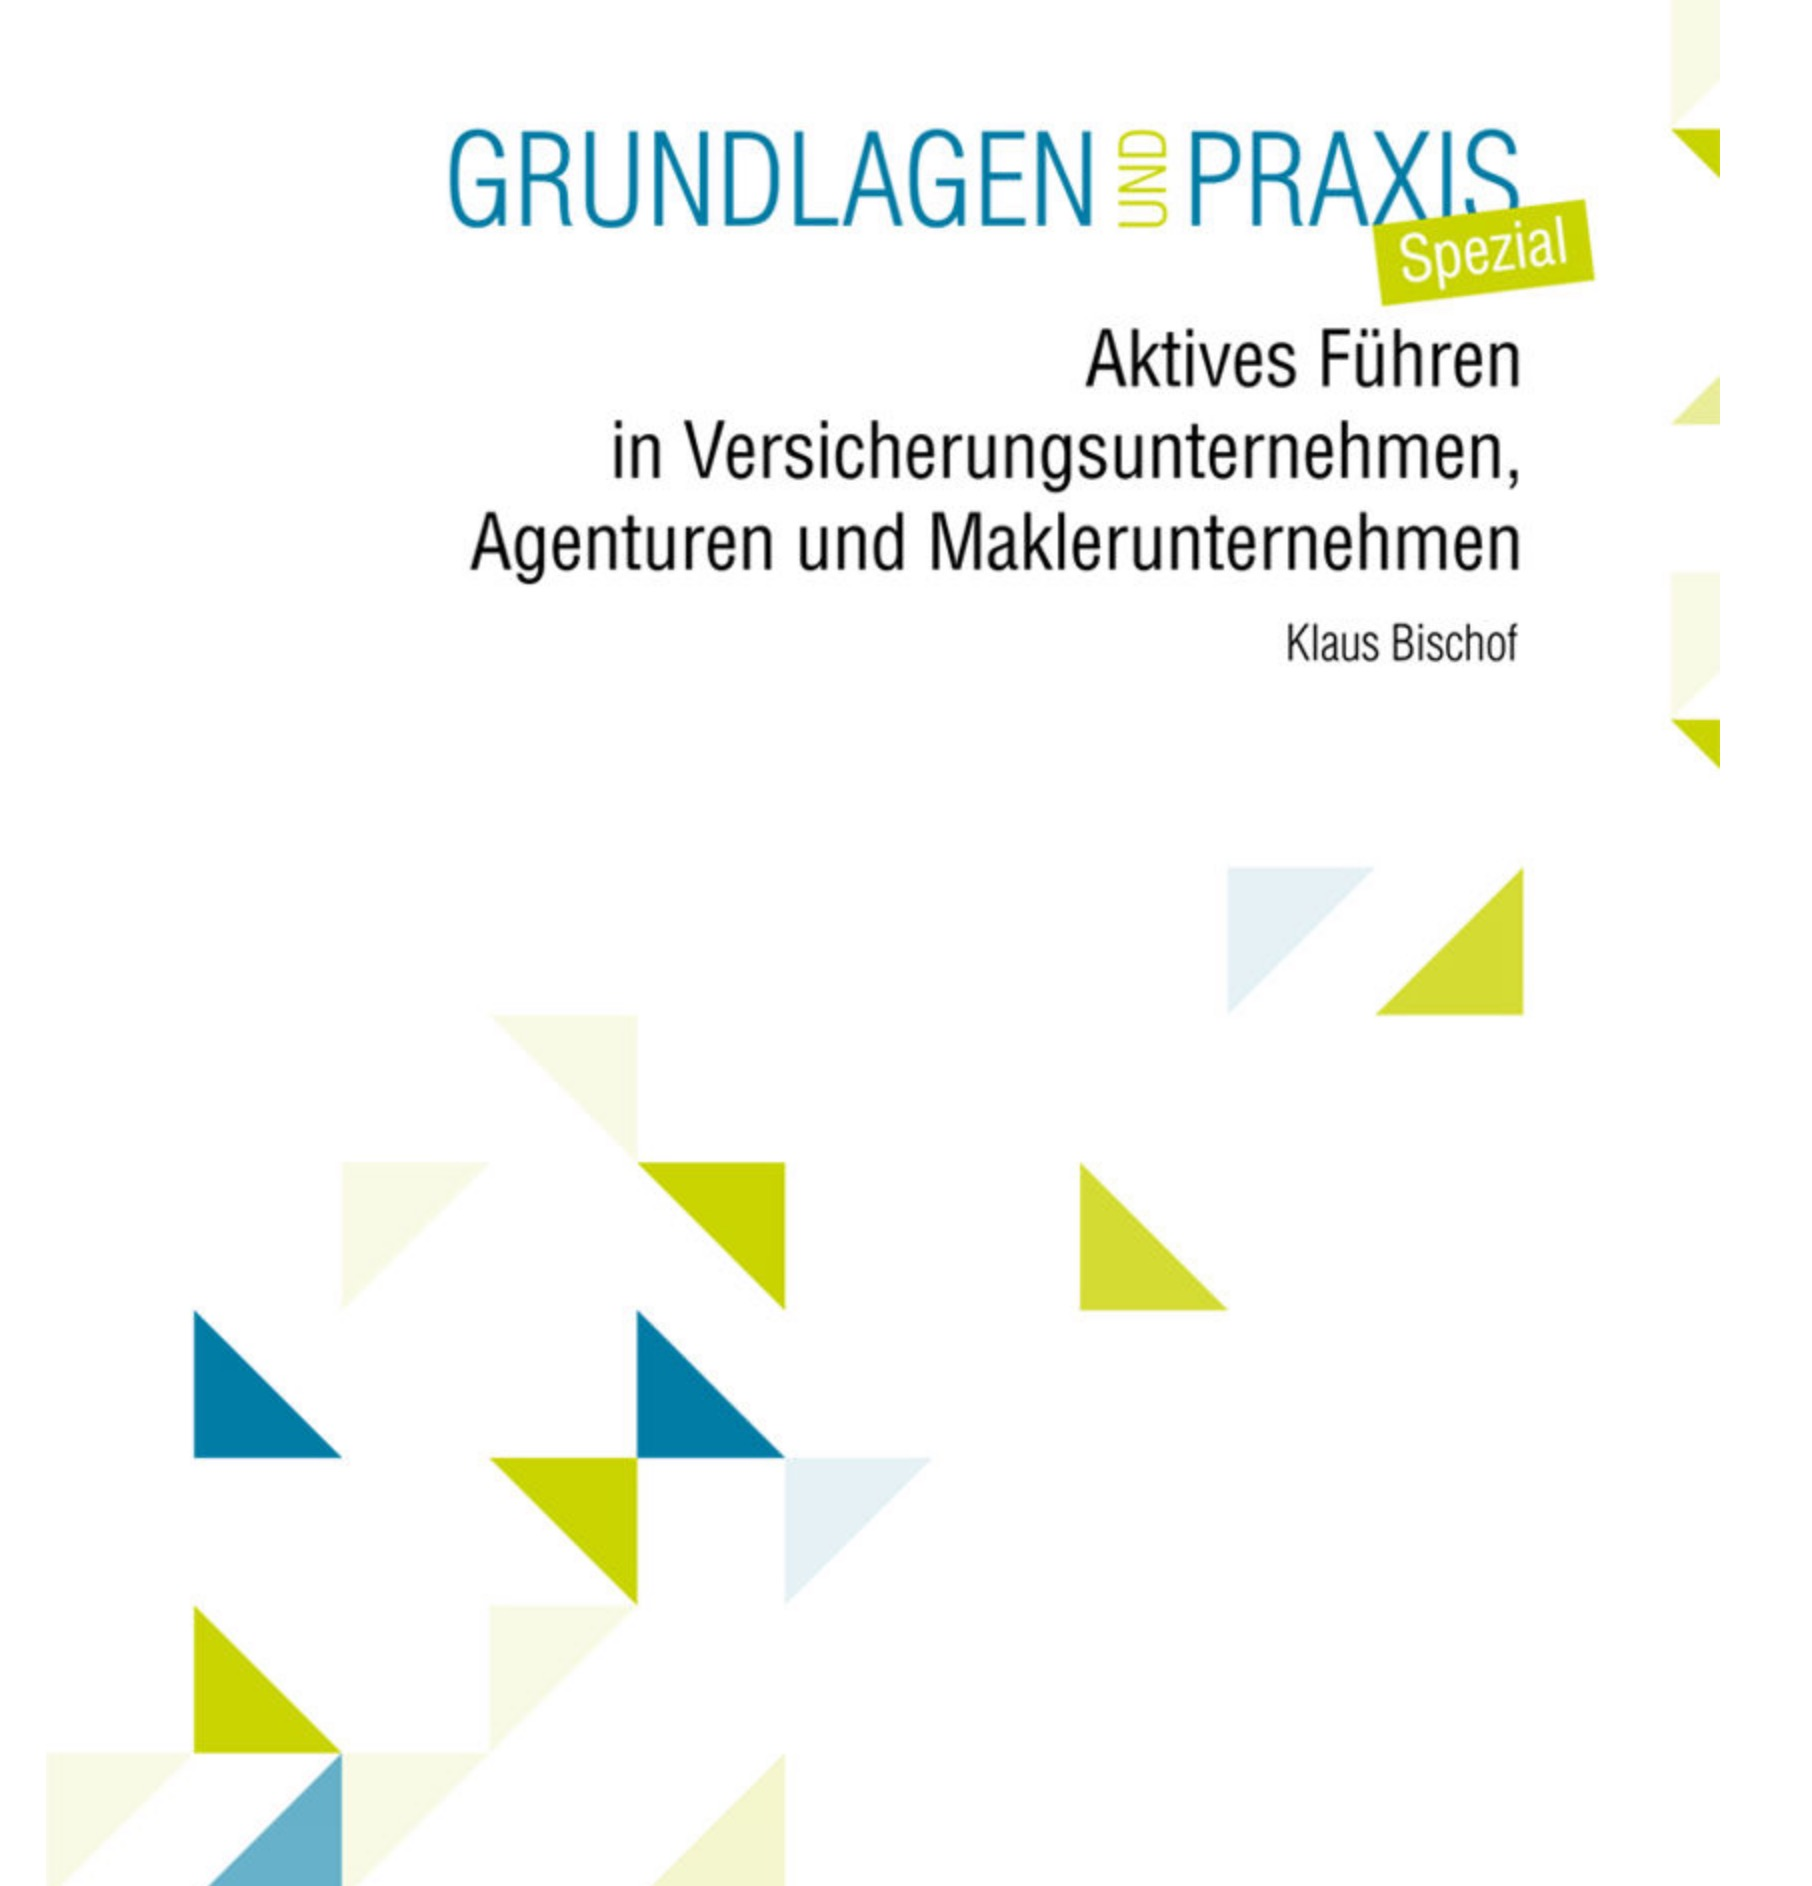 Cover zu Aktives Führen in Versicherungsunternehmen, Agenturen und Maklerunternehmen: Grundlagen und Praxis Spezial (Deutsch)